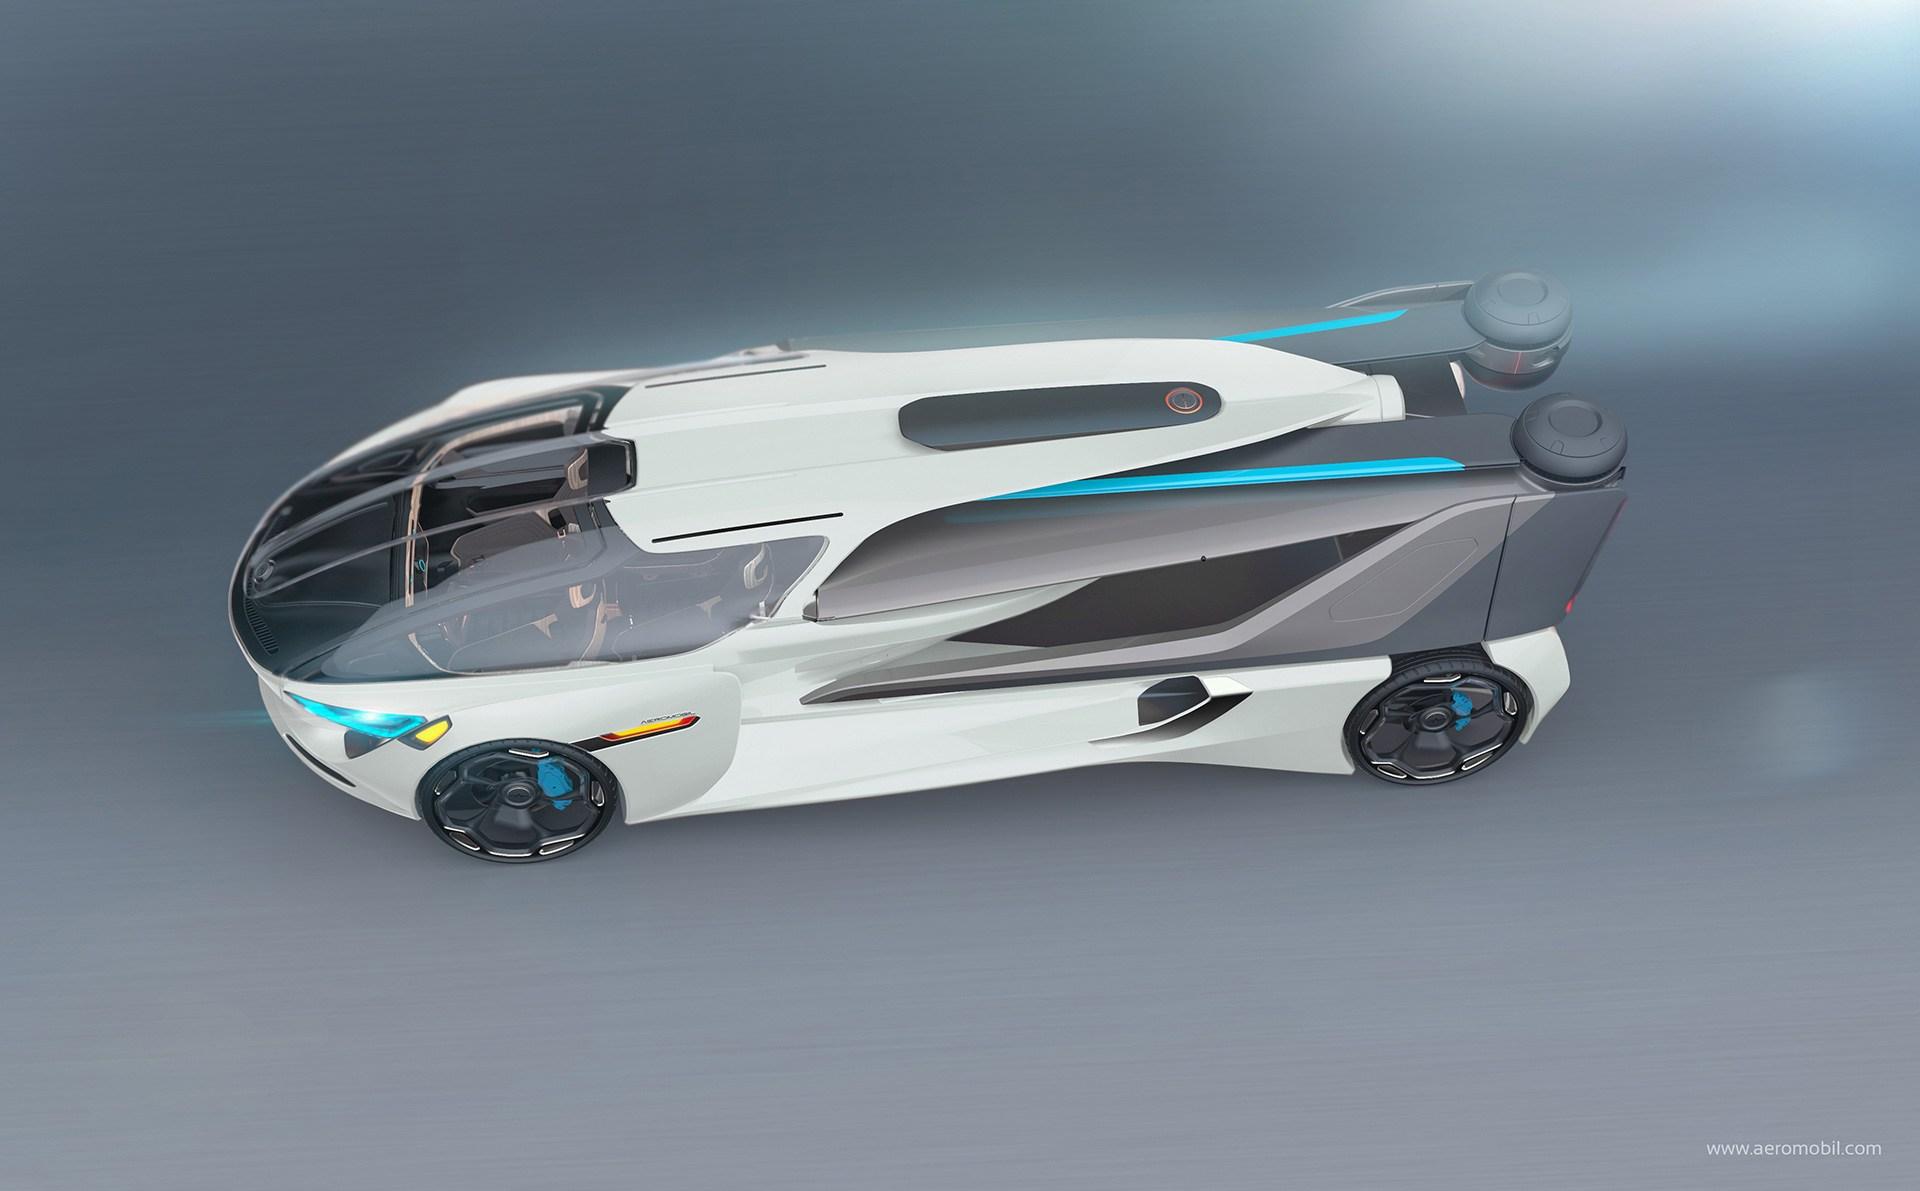 AeroMobil-5.0-VTOL-Concept-2